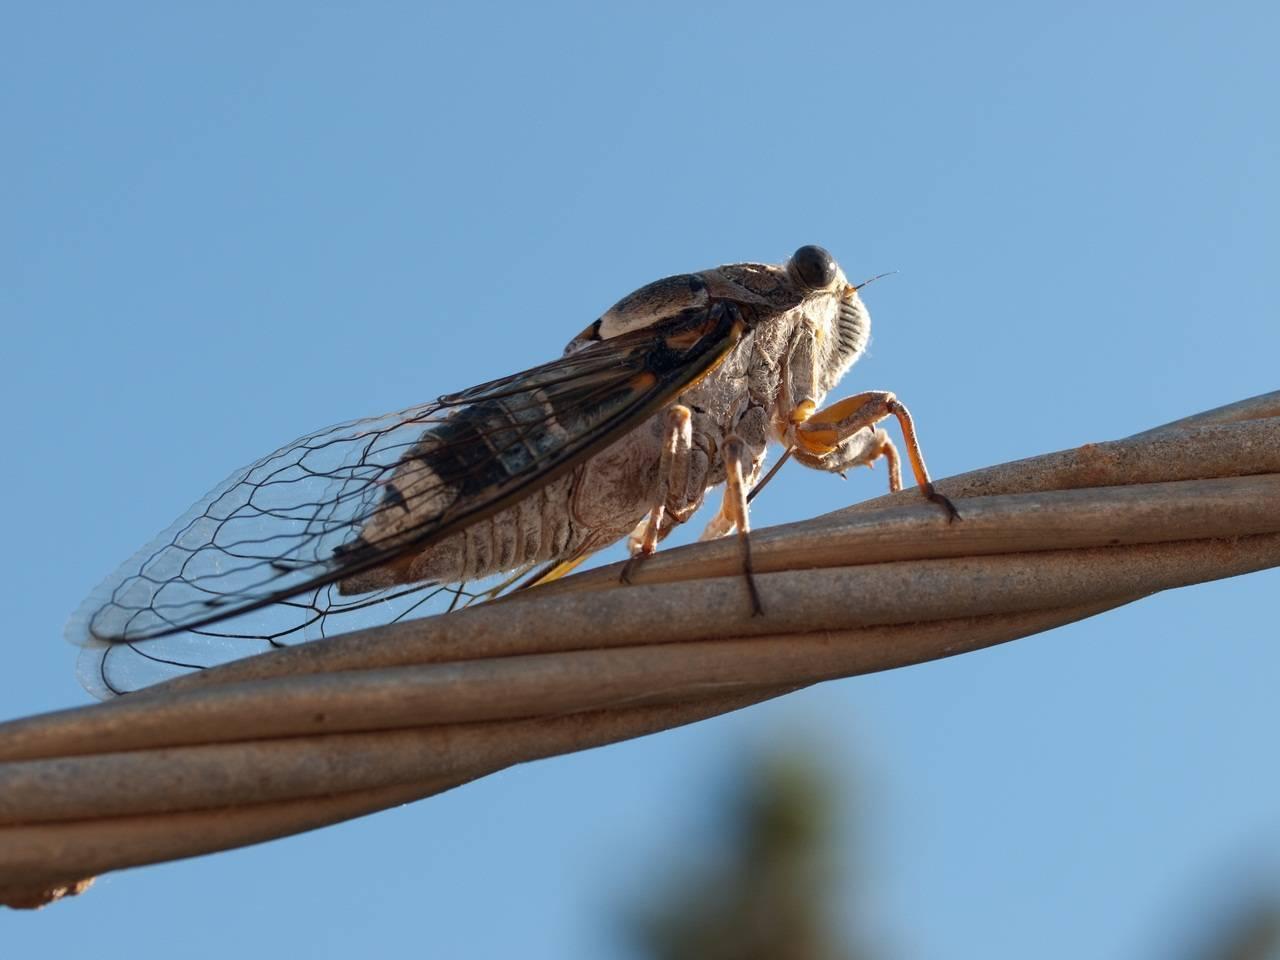 Названия жуков с картинками, их внешний вид и образ жизни